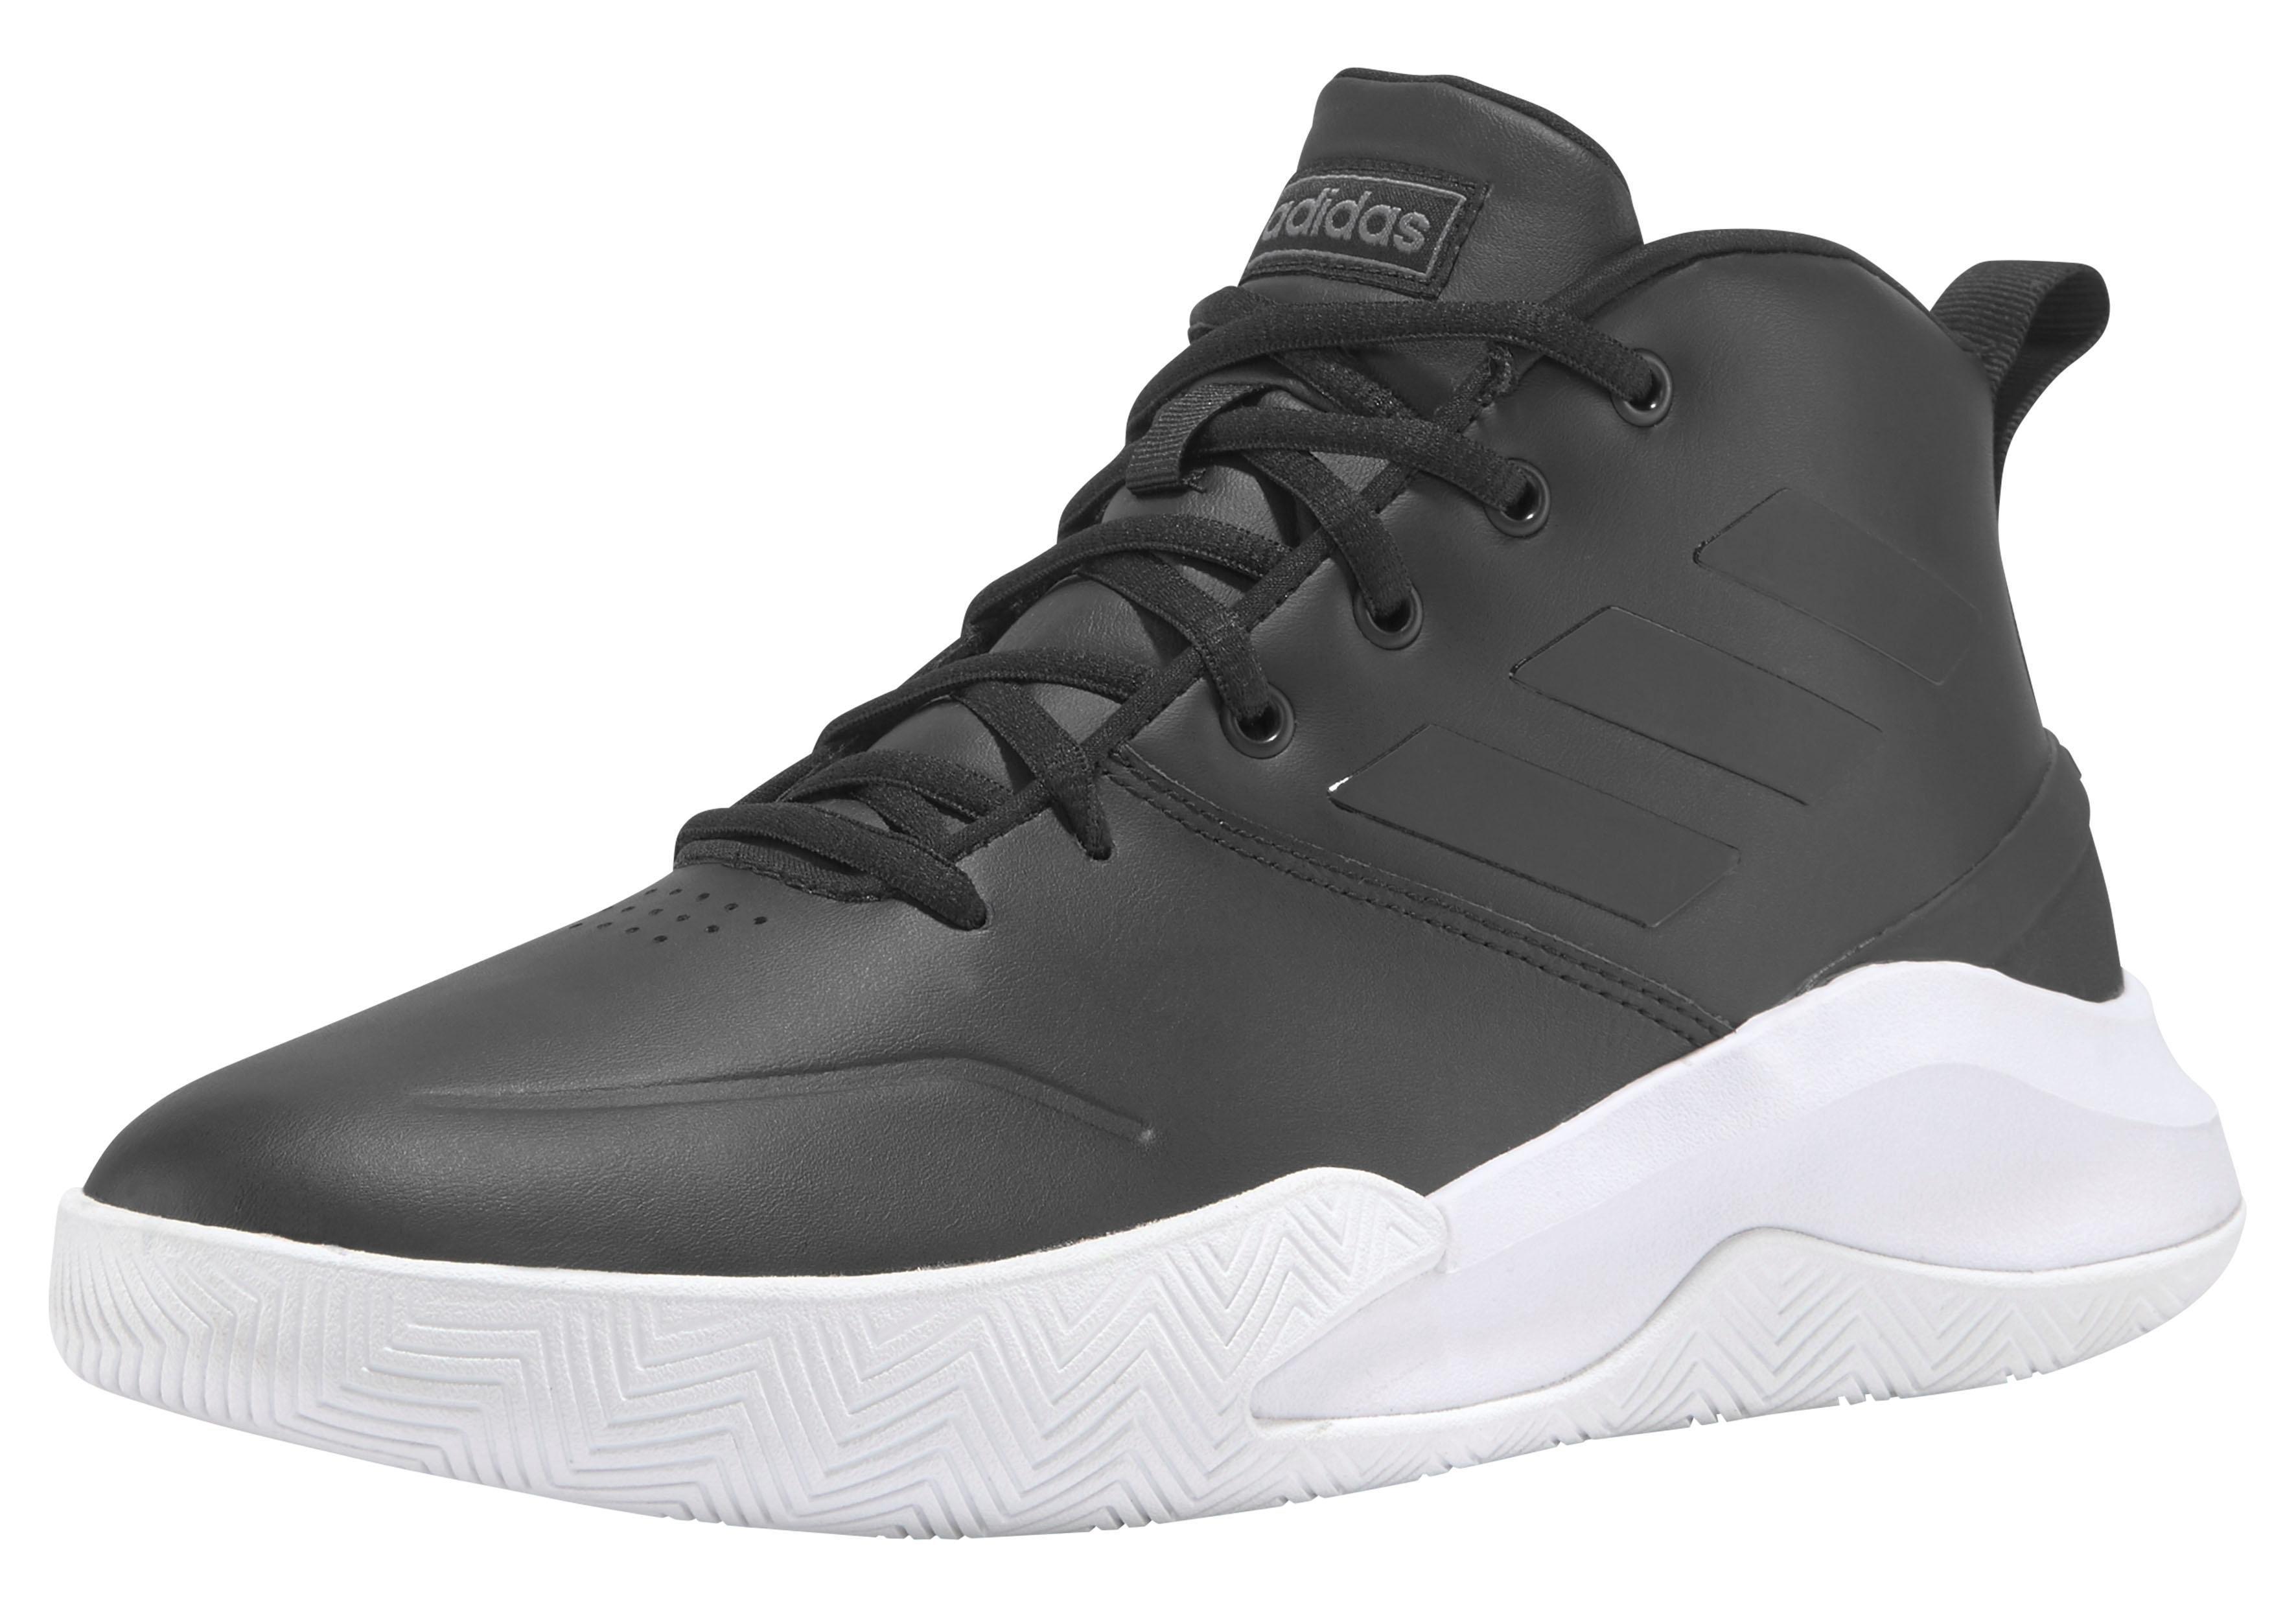 adidas Performance adidas basketbalschoenen »OWNTHEGAME« voordelig en veilig online kopen